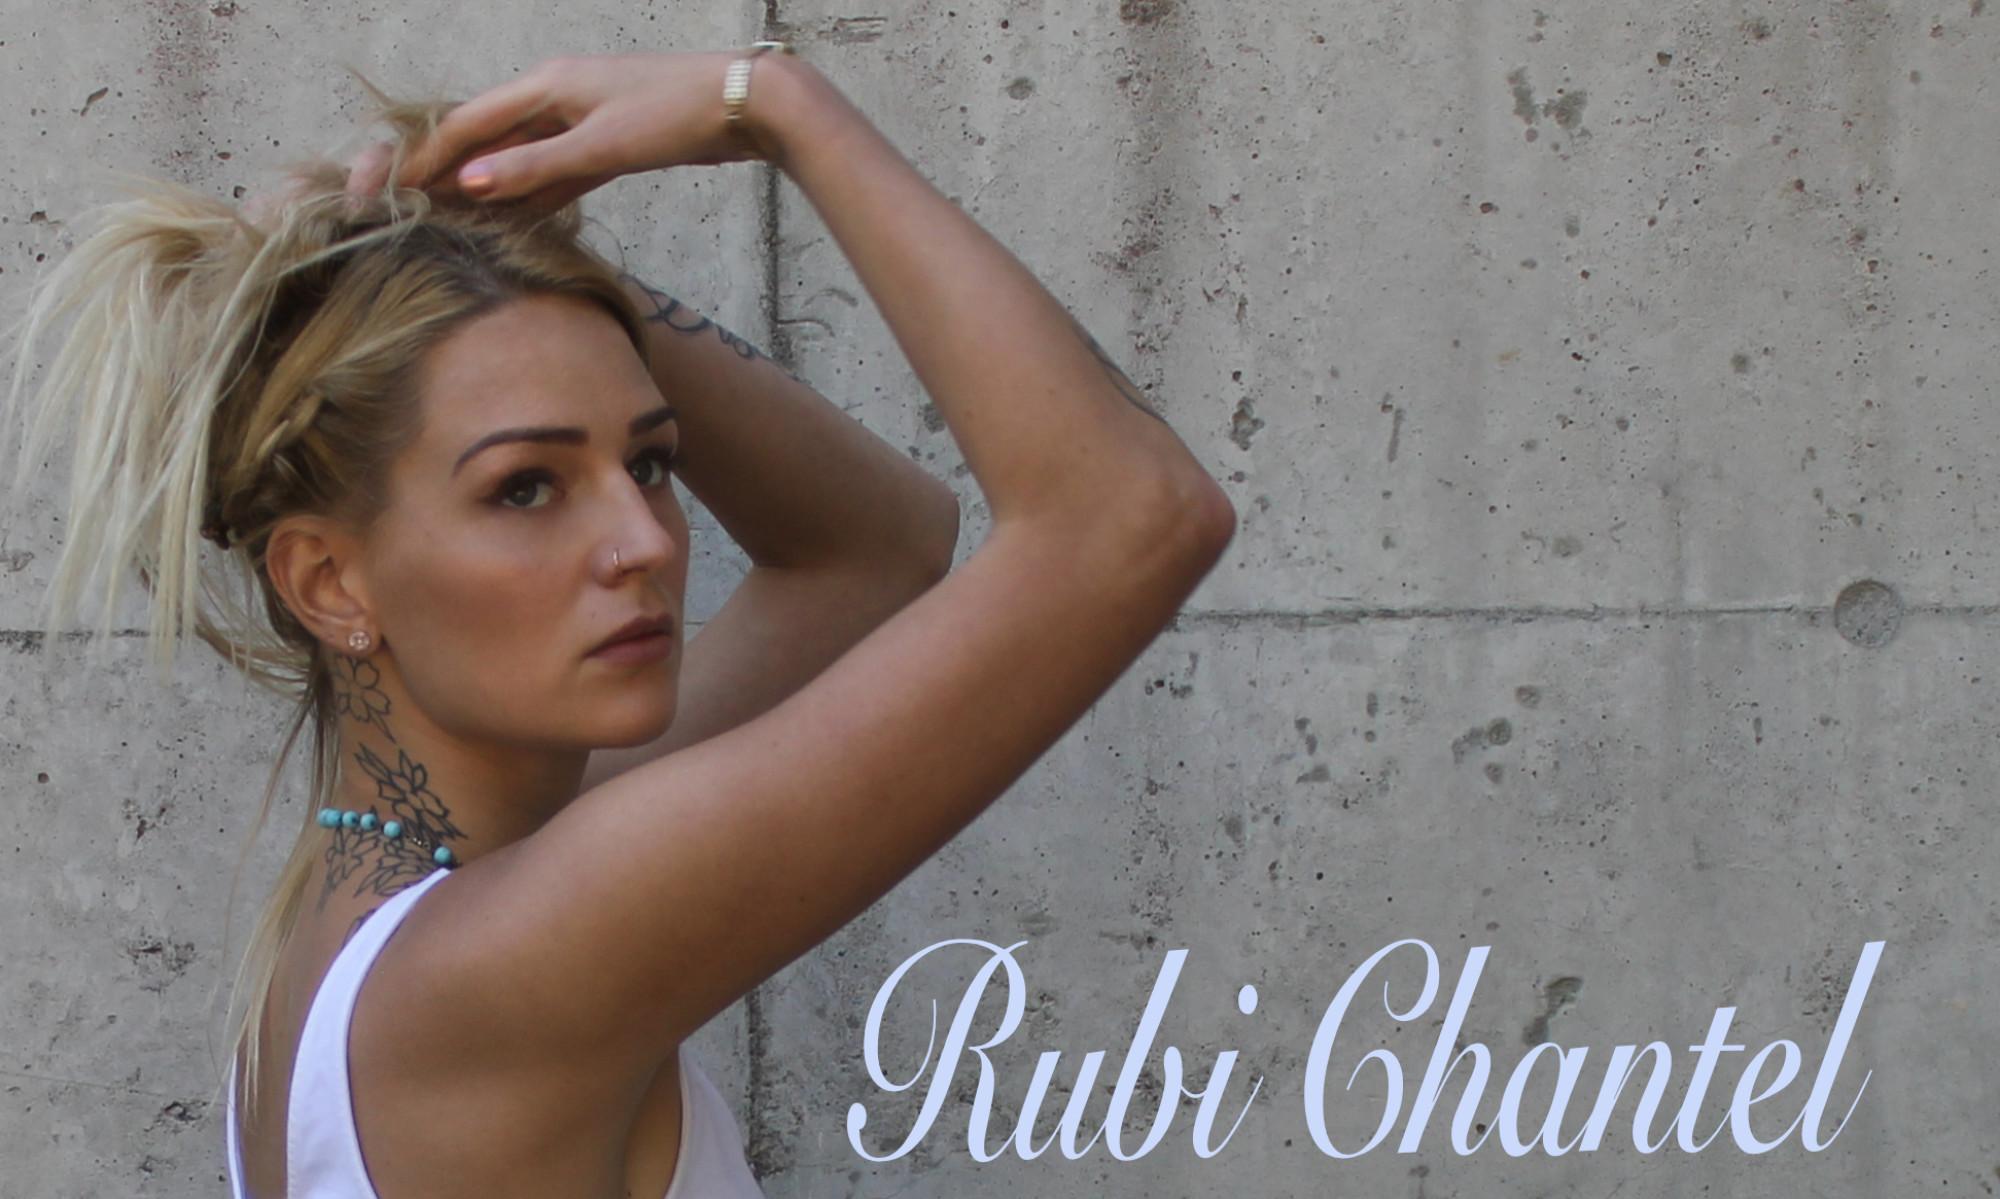 Rubi Chantel